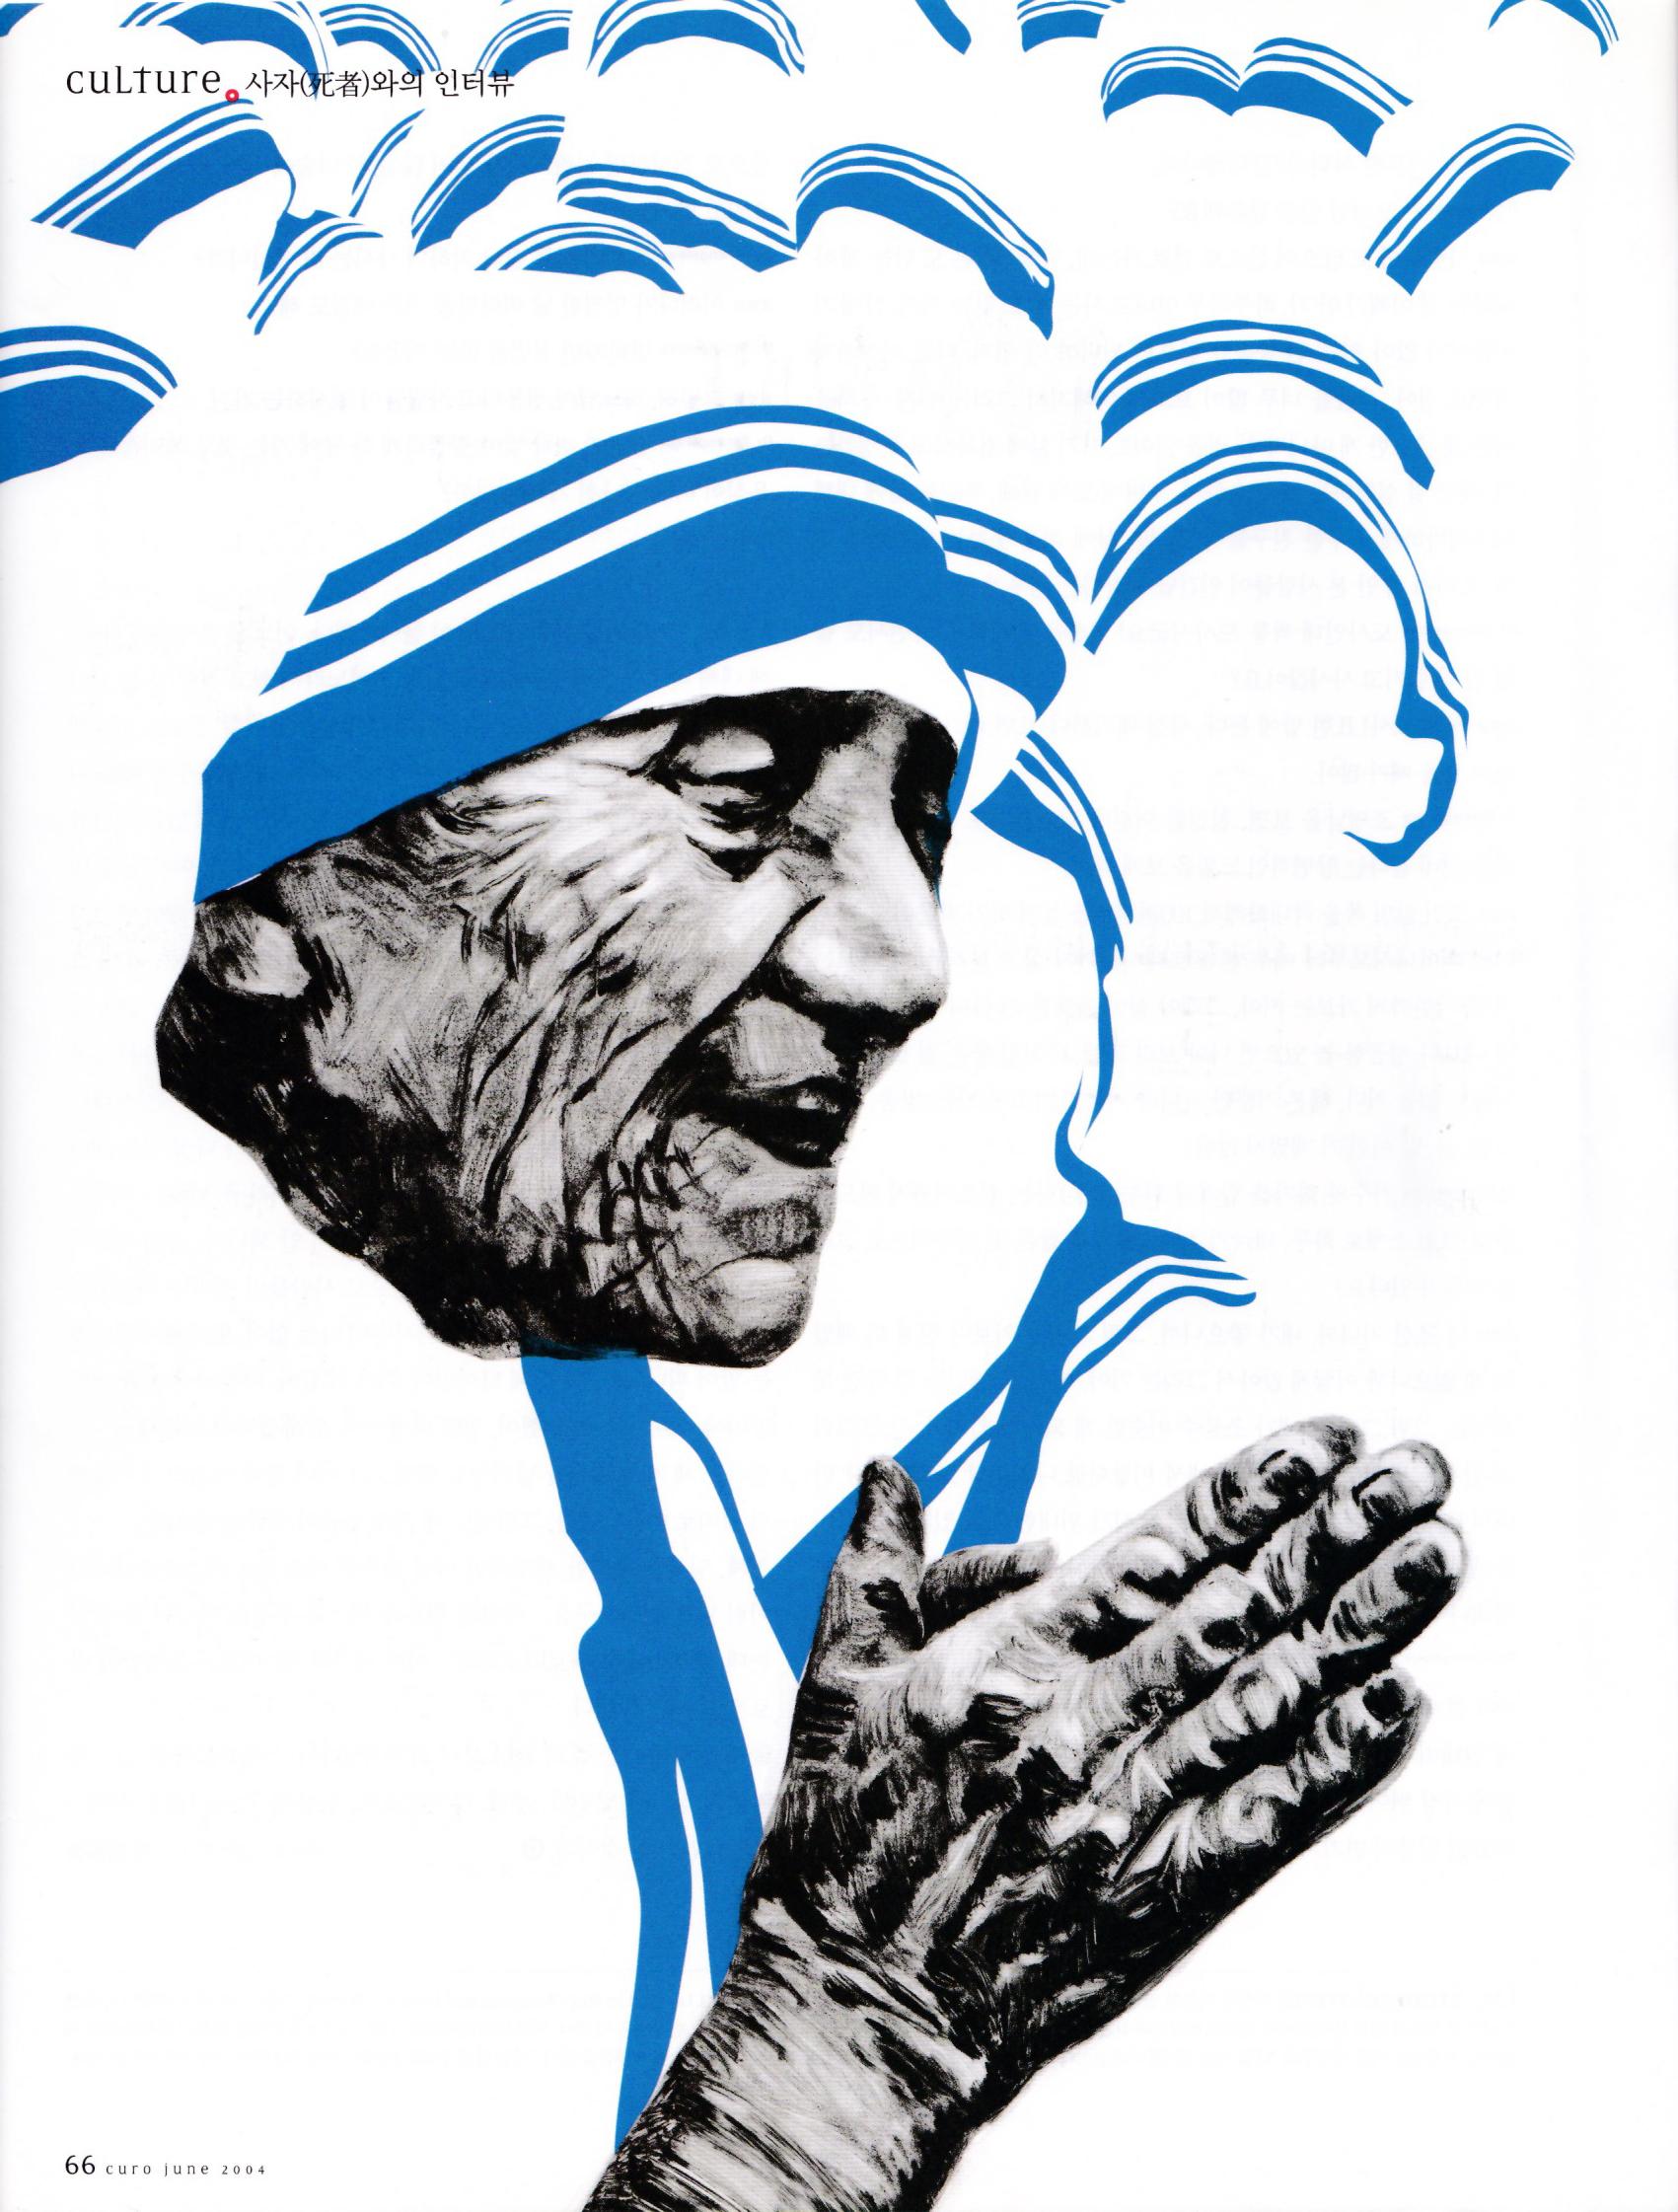 Mother Teresa | Curo, June 2004